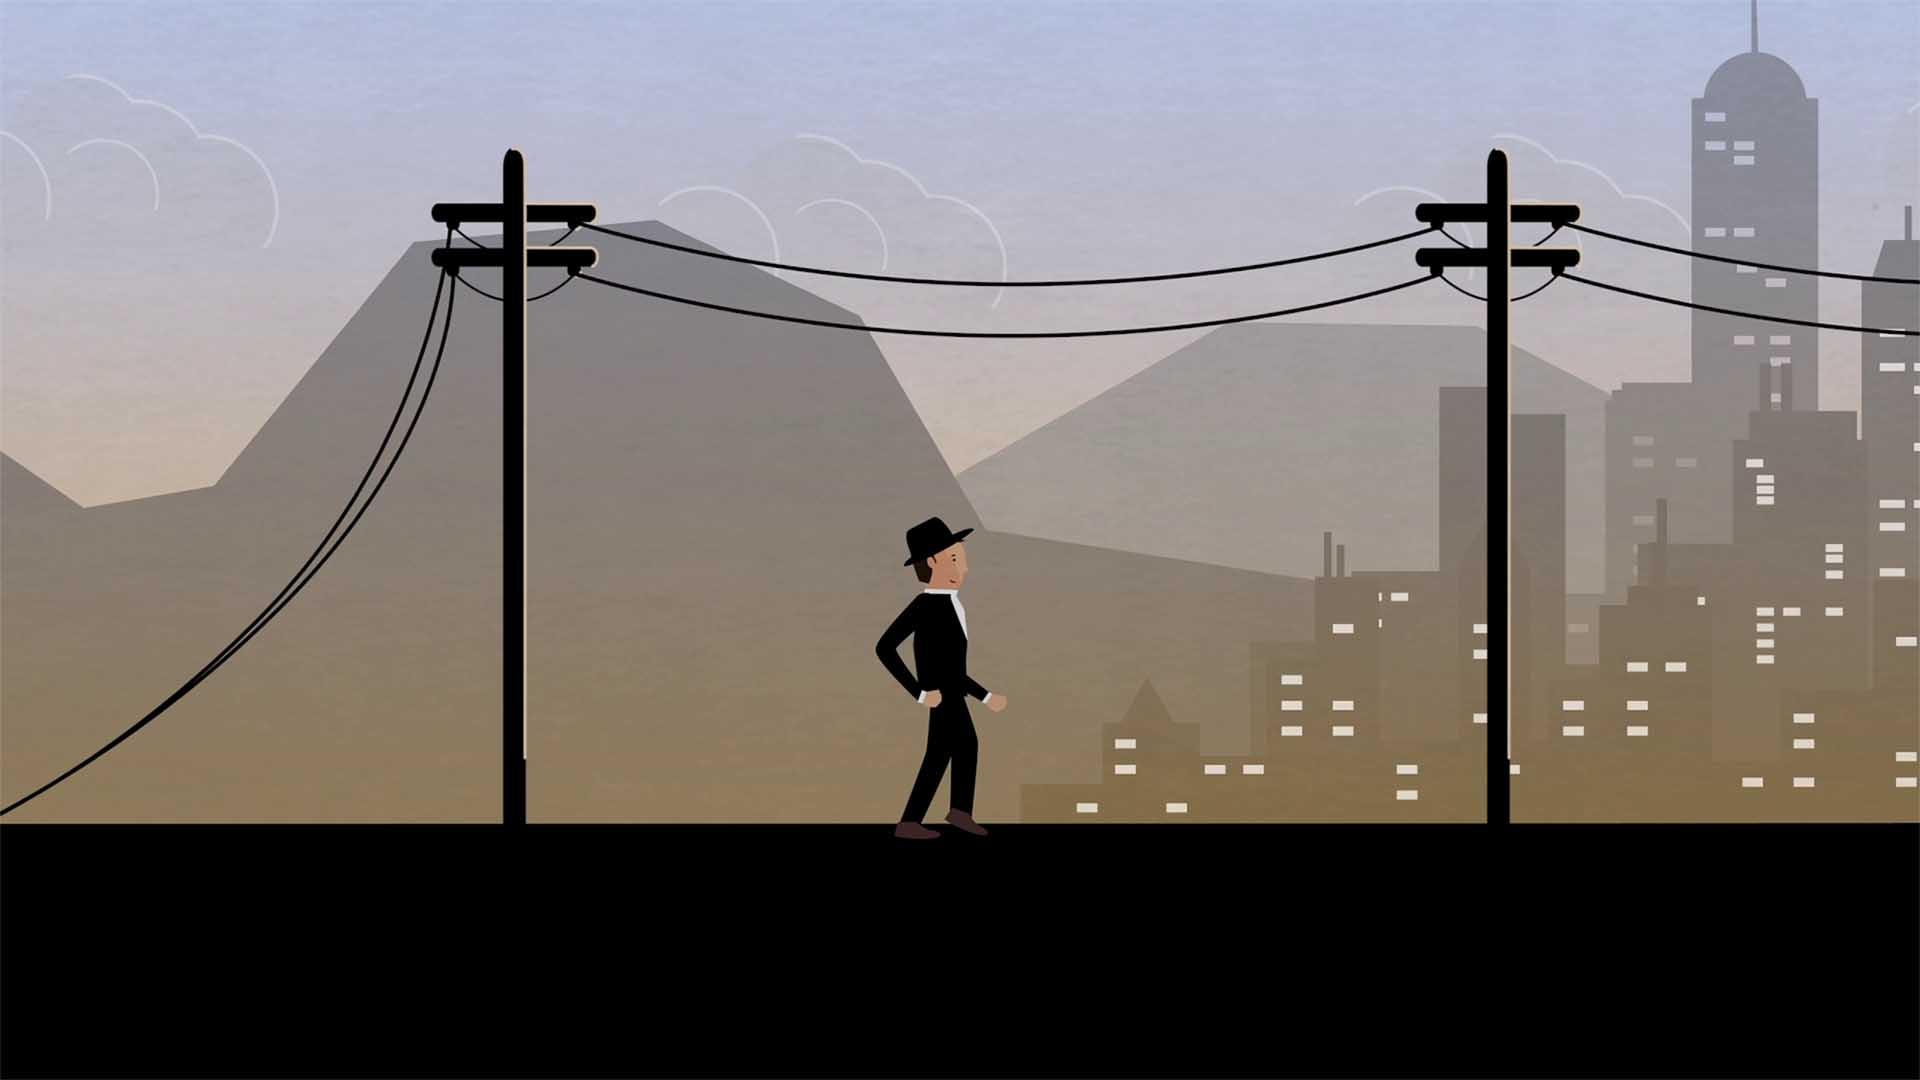 Das Bild zeigt einen Mann der auf einer Straße vor einer Großstadtkulisse läuft. Er trägt einen Hut und einen Anzug. Entlang der Straße sind Strommasten aufgespannt. Das Bild dient als Making Of Bild für den Portfolioeintrag Region Passau Comics Mitmachstation von Panda Pictures.